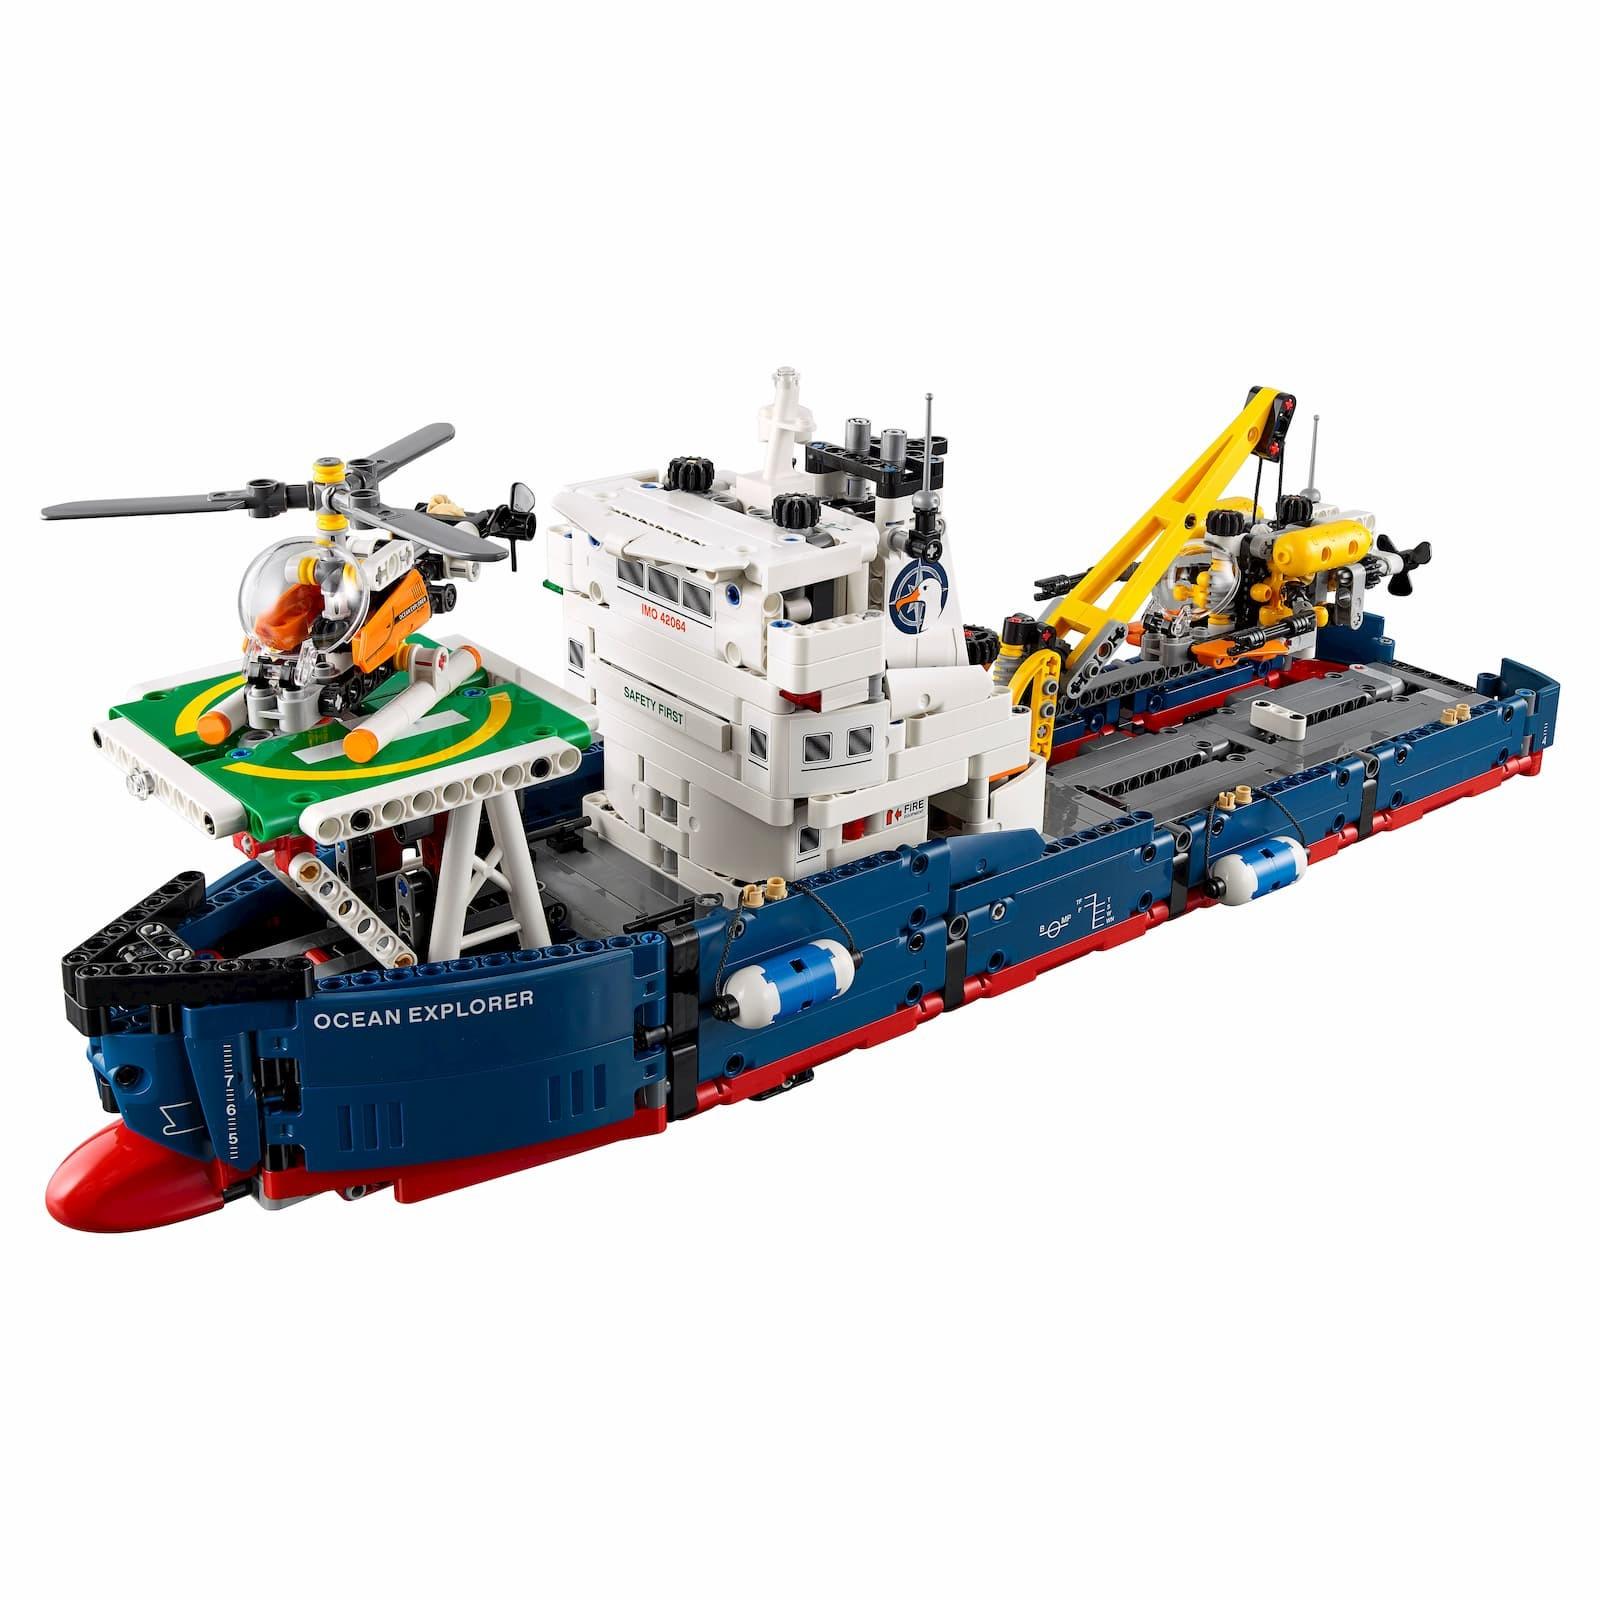 Конструктор Decool «Исследователь океана» 3370 (Technic 42064) / 1342 детали